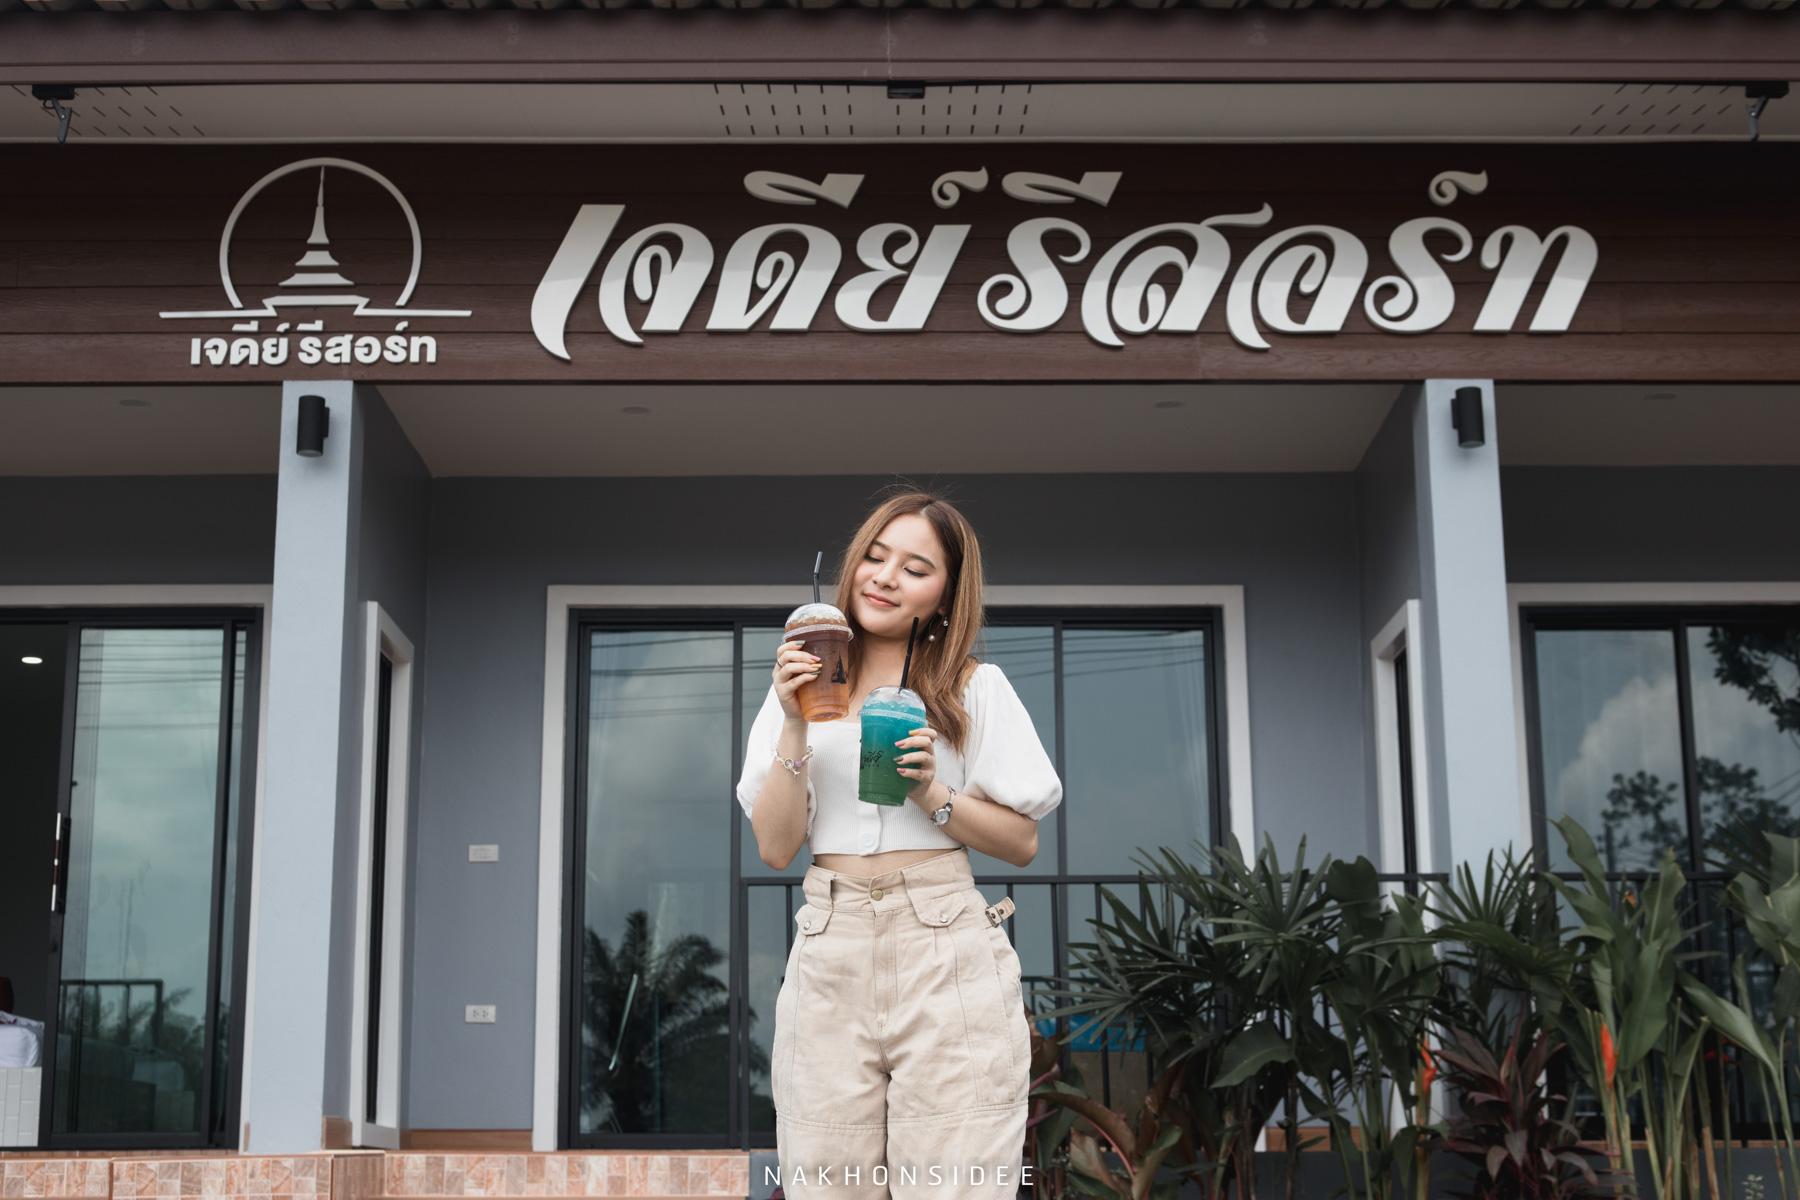 รีสอร์ทน่ารักๆ มีร้านกาแฟคาเฟ่ด้วยน้า เจดีย์รีสอร์ท,ที่พักใกล้วัดเจดีย์,ตาไข่,ริมรั้ว,เดินถึง